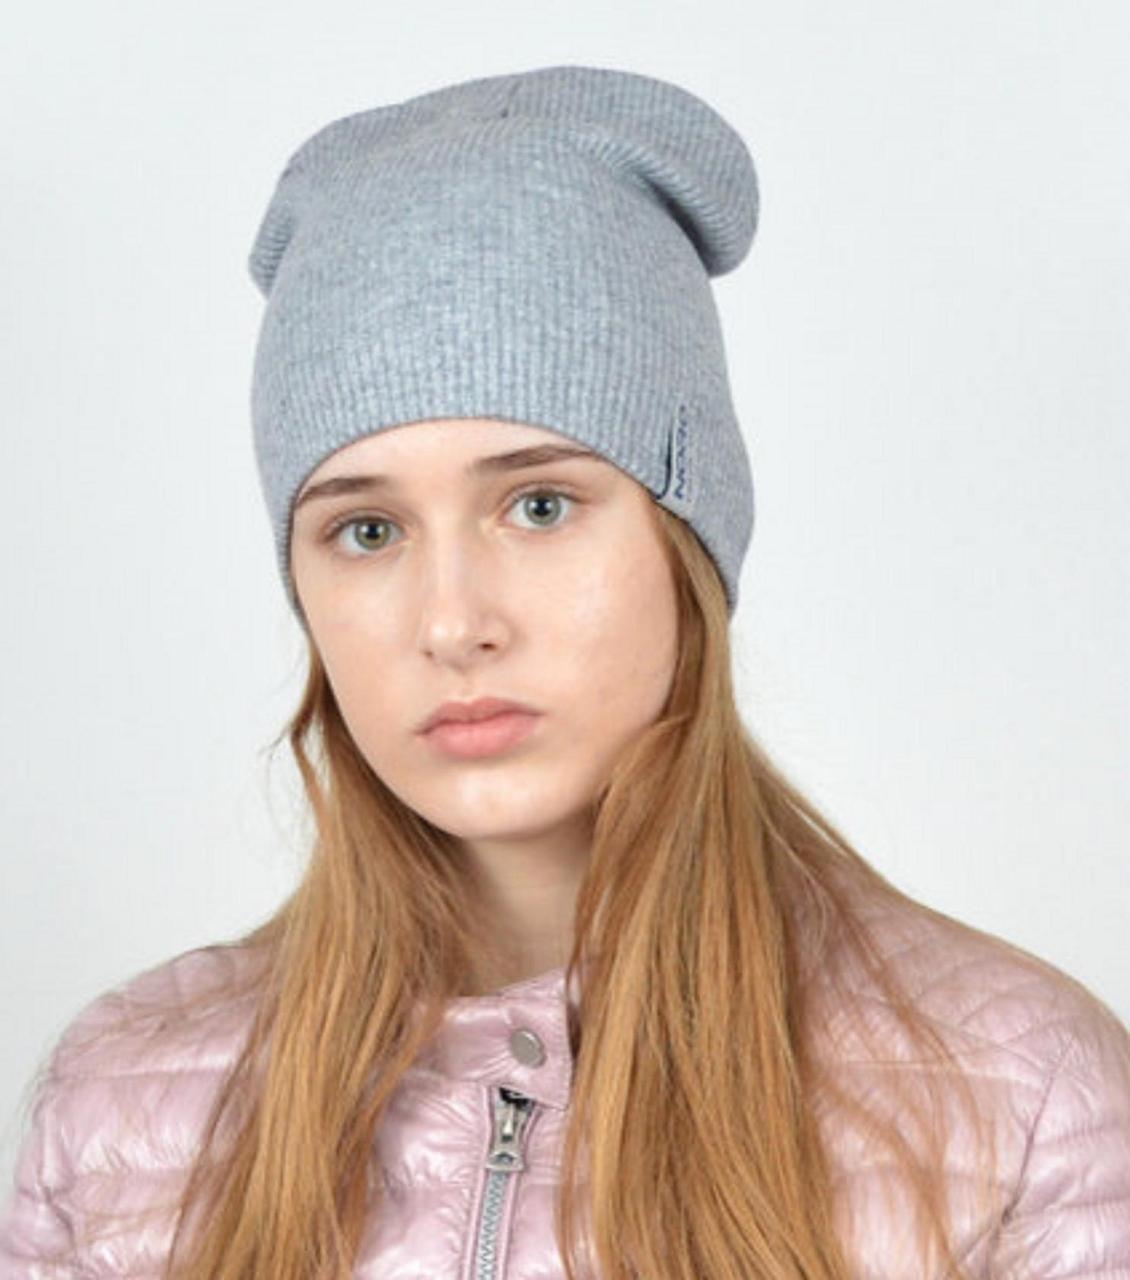 Универсальная модная шапка  продажа e35ceb89bb5a1